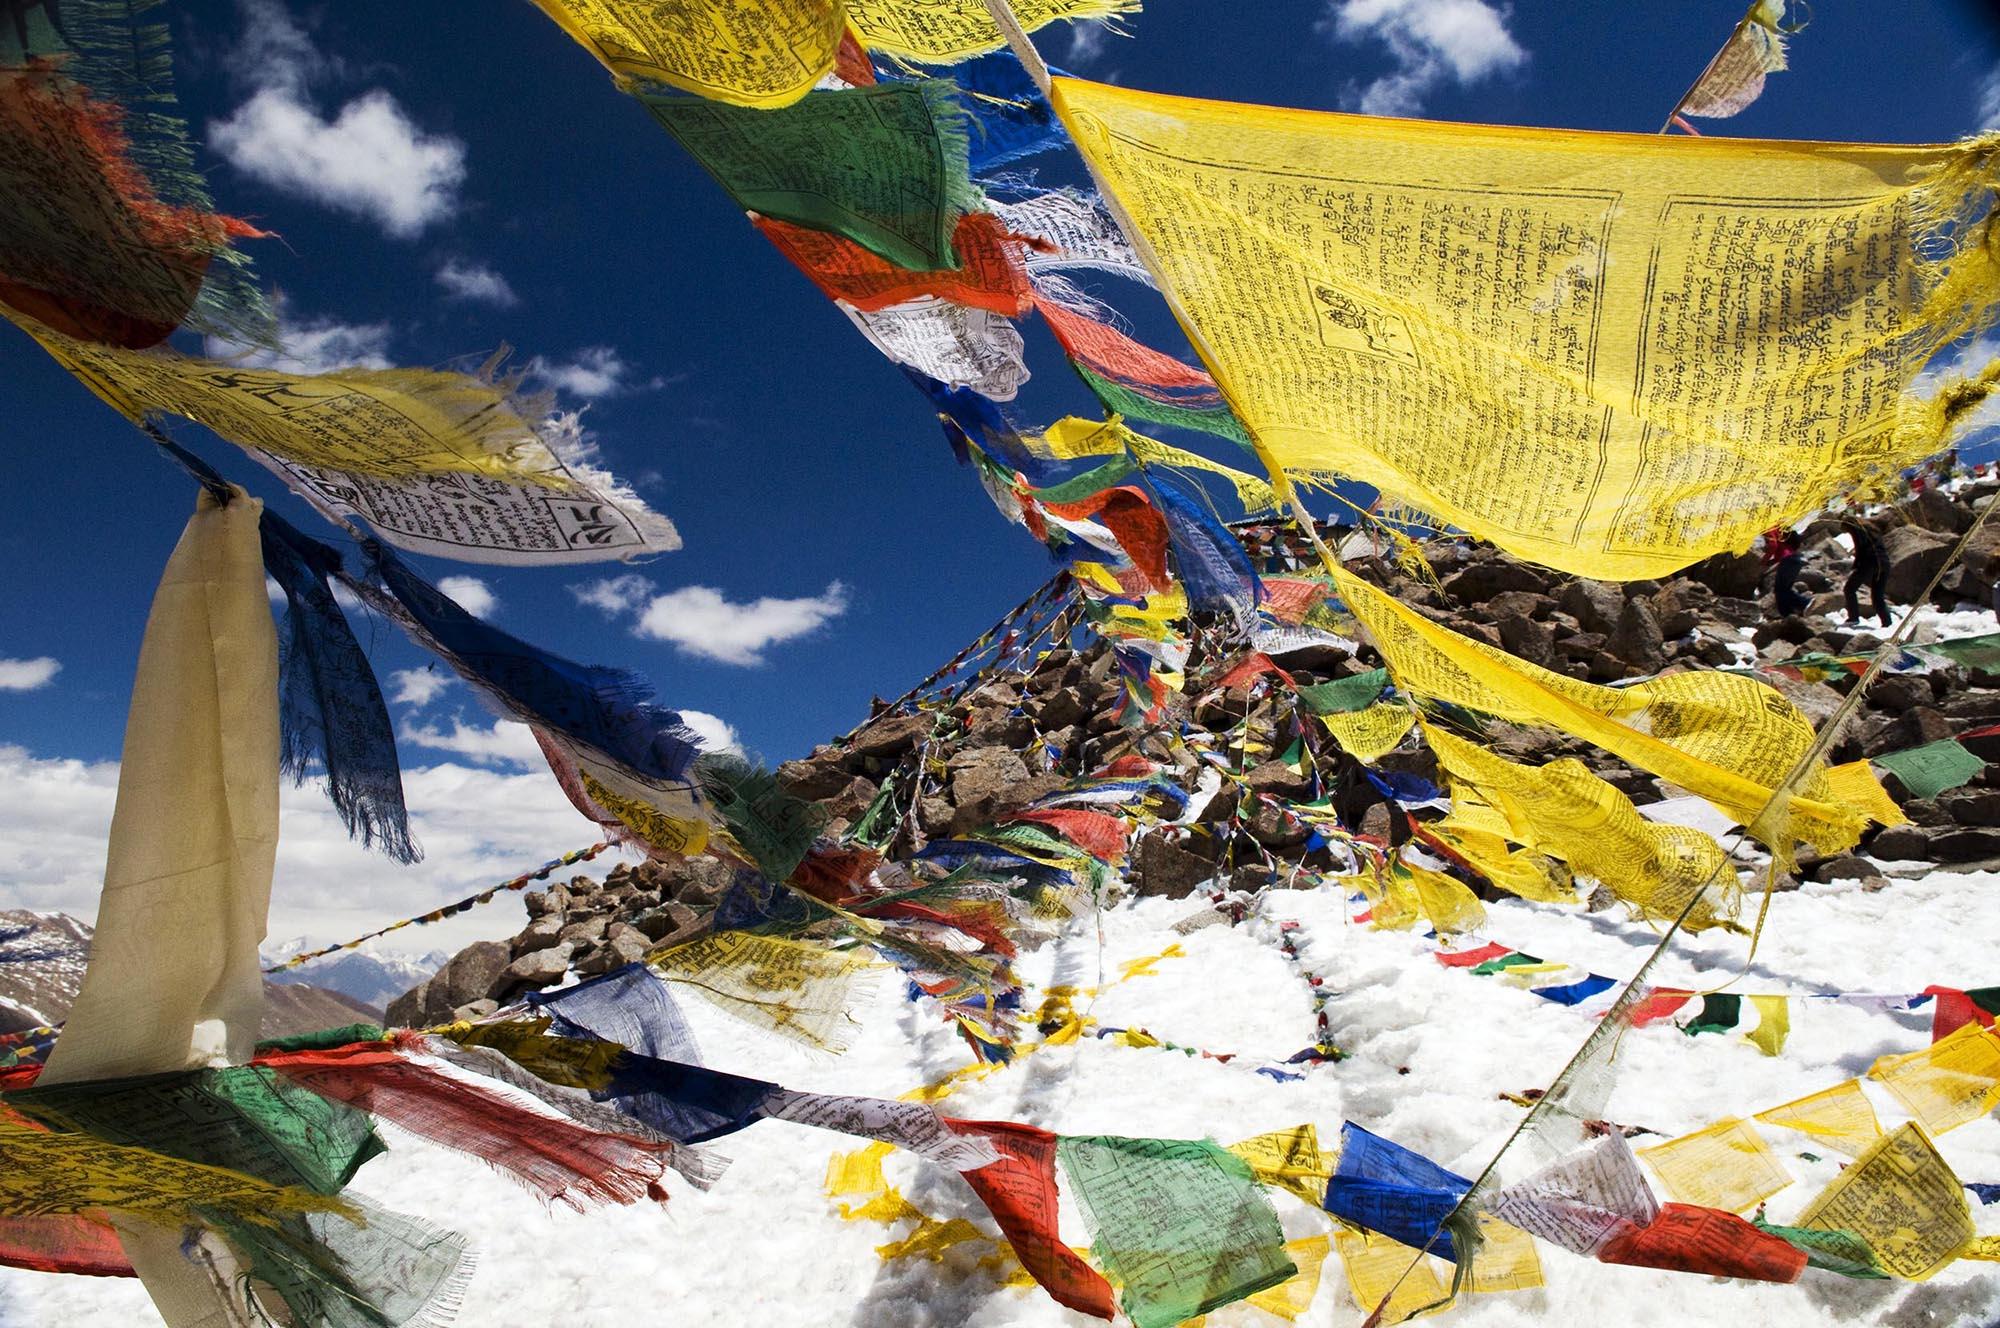 Khardung La (18,300 feet), India